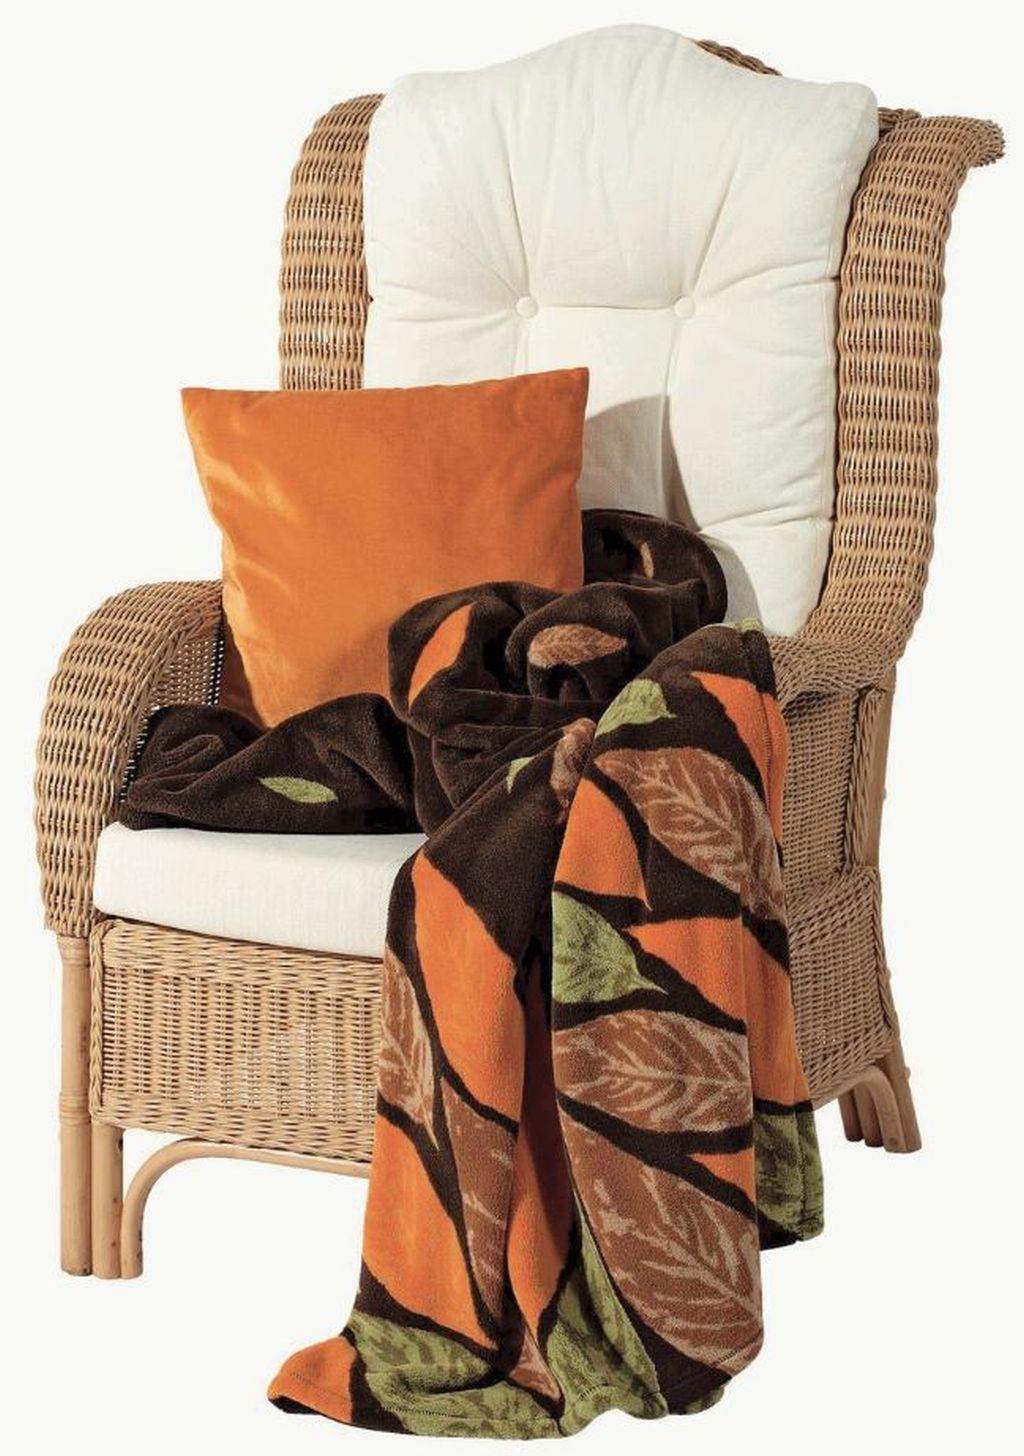 Pătură Fleece, dimensiune 150 x 200 cm, material 100% poliester. Se poate spăla la 30 grade. Intrare la apă5%. De la kika, preț 119,00 lei